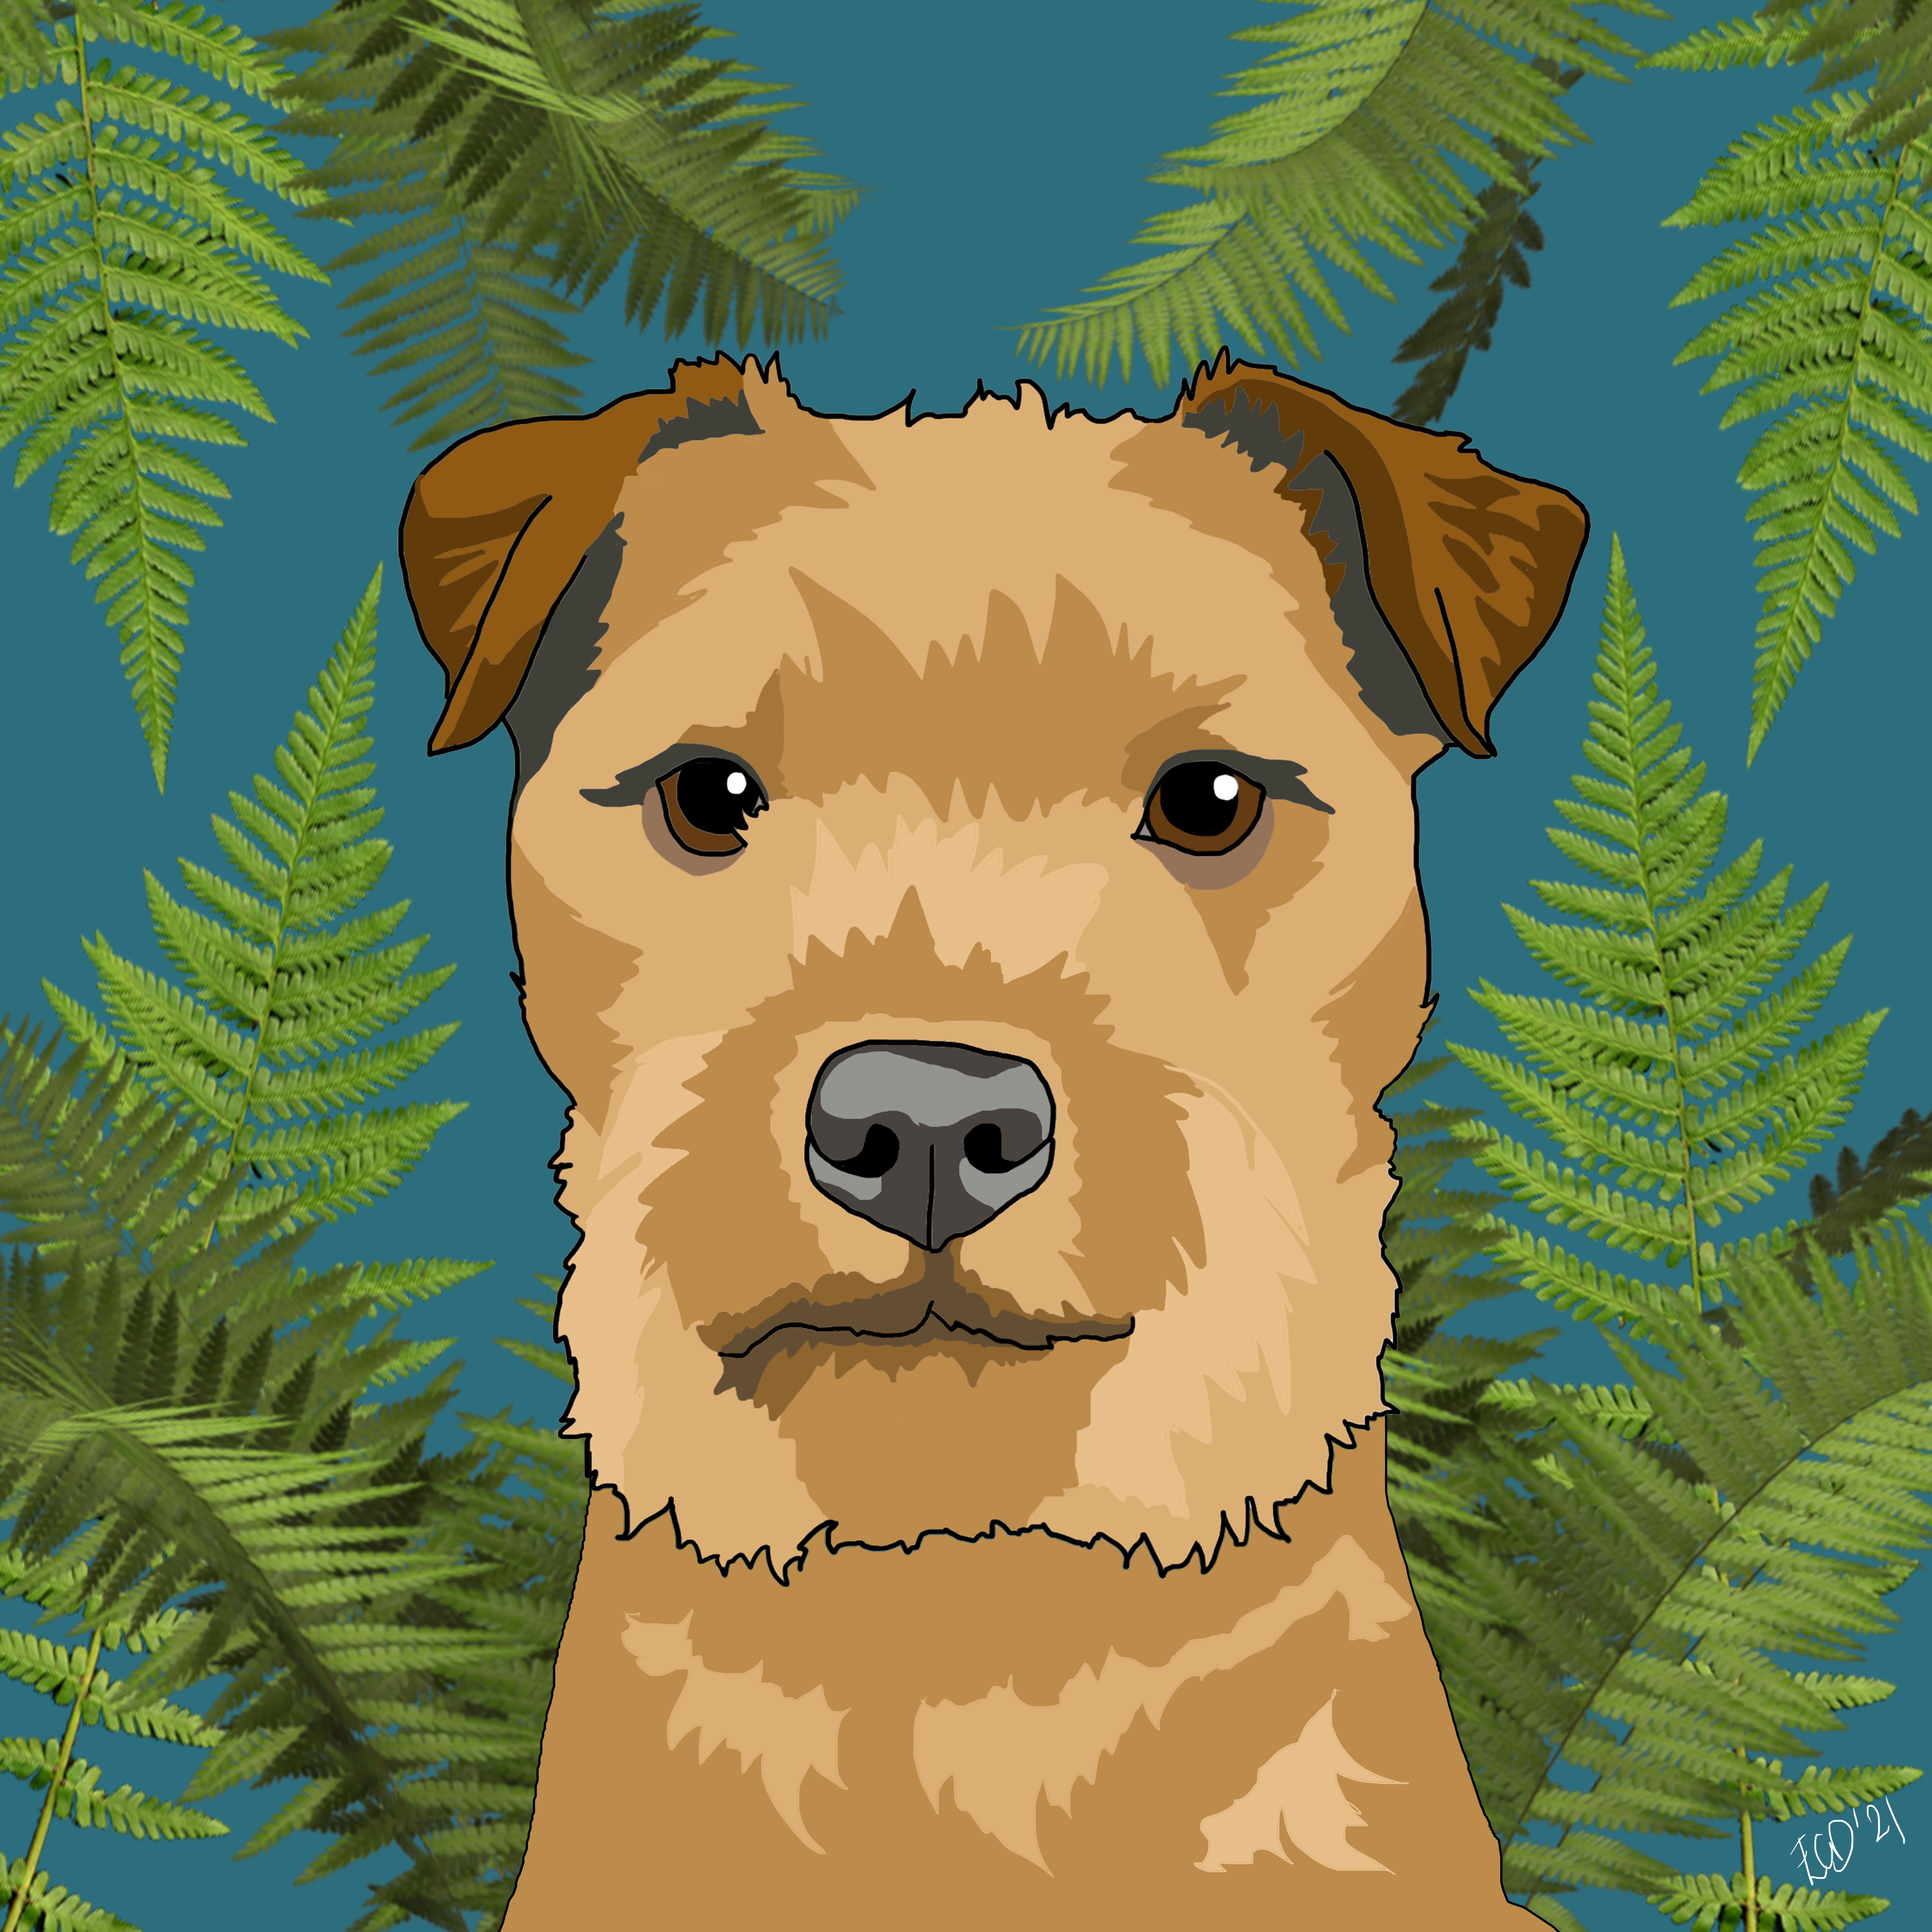 https://0201.nccdn.net/1_2/000/000/10a/b4c/noddy-portrait.jpg